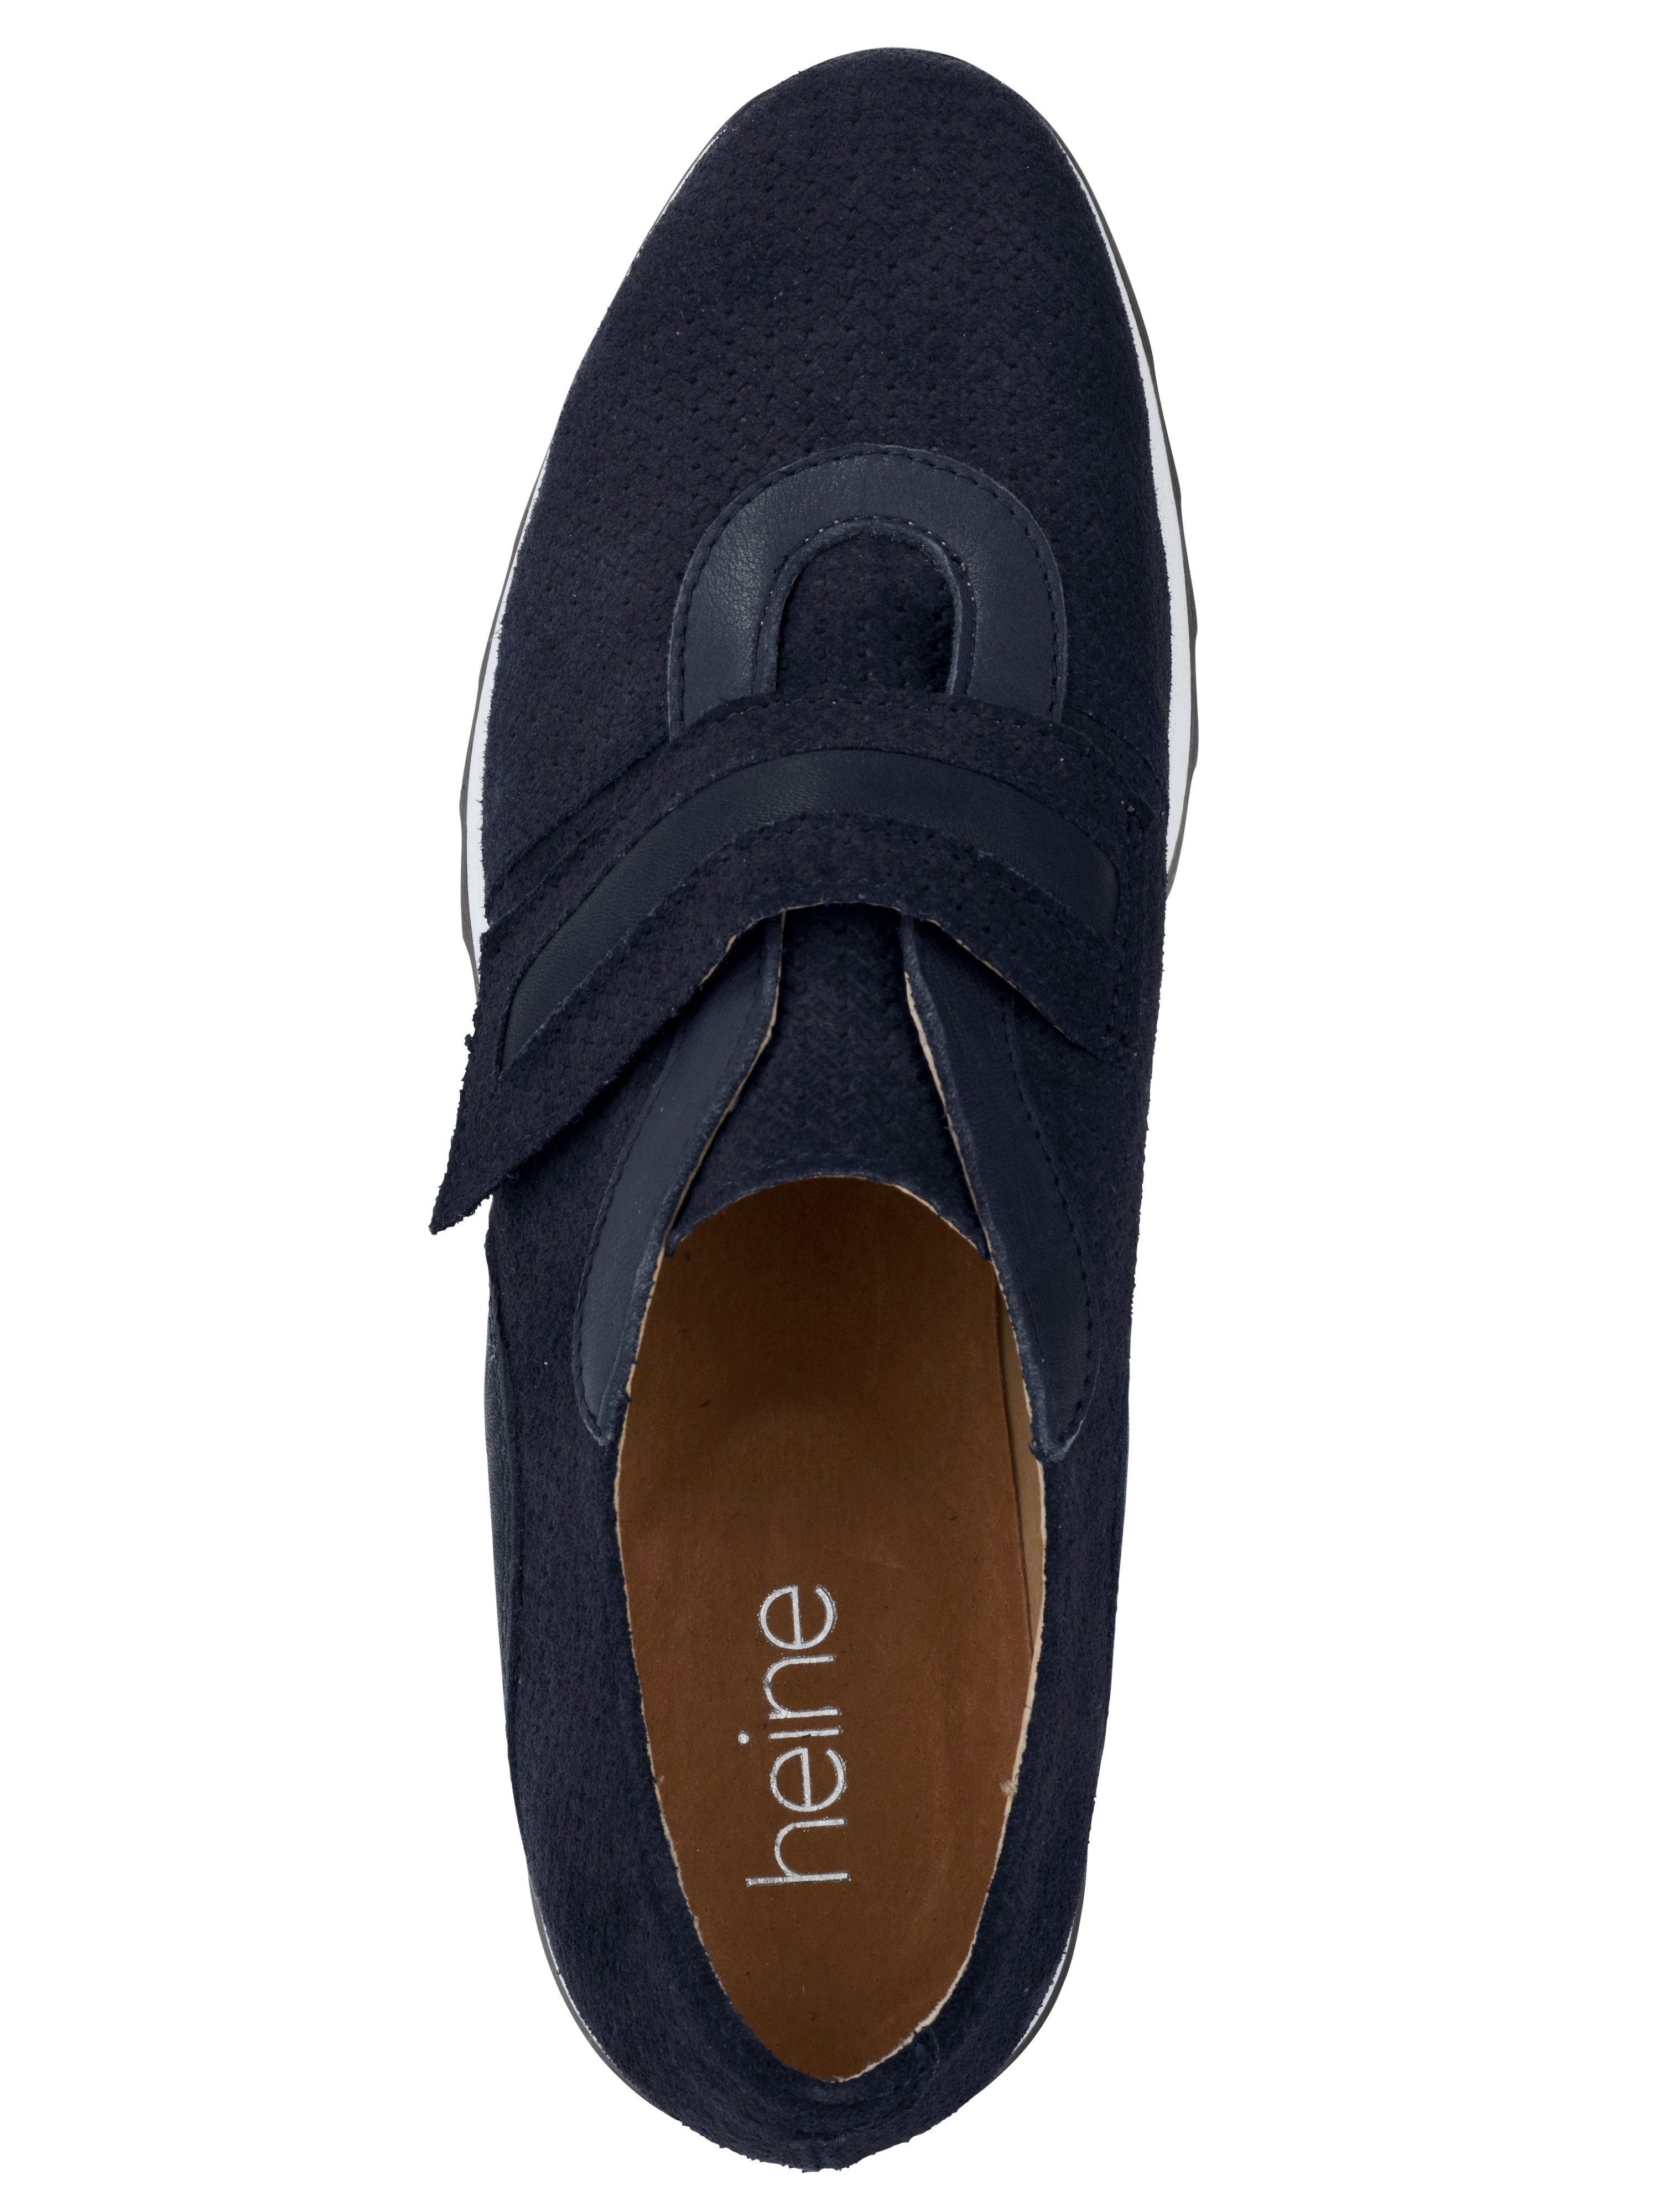 Heine Sneaker online kaufen  marine